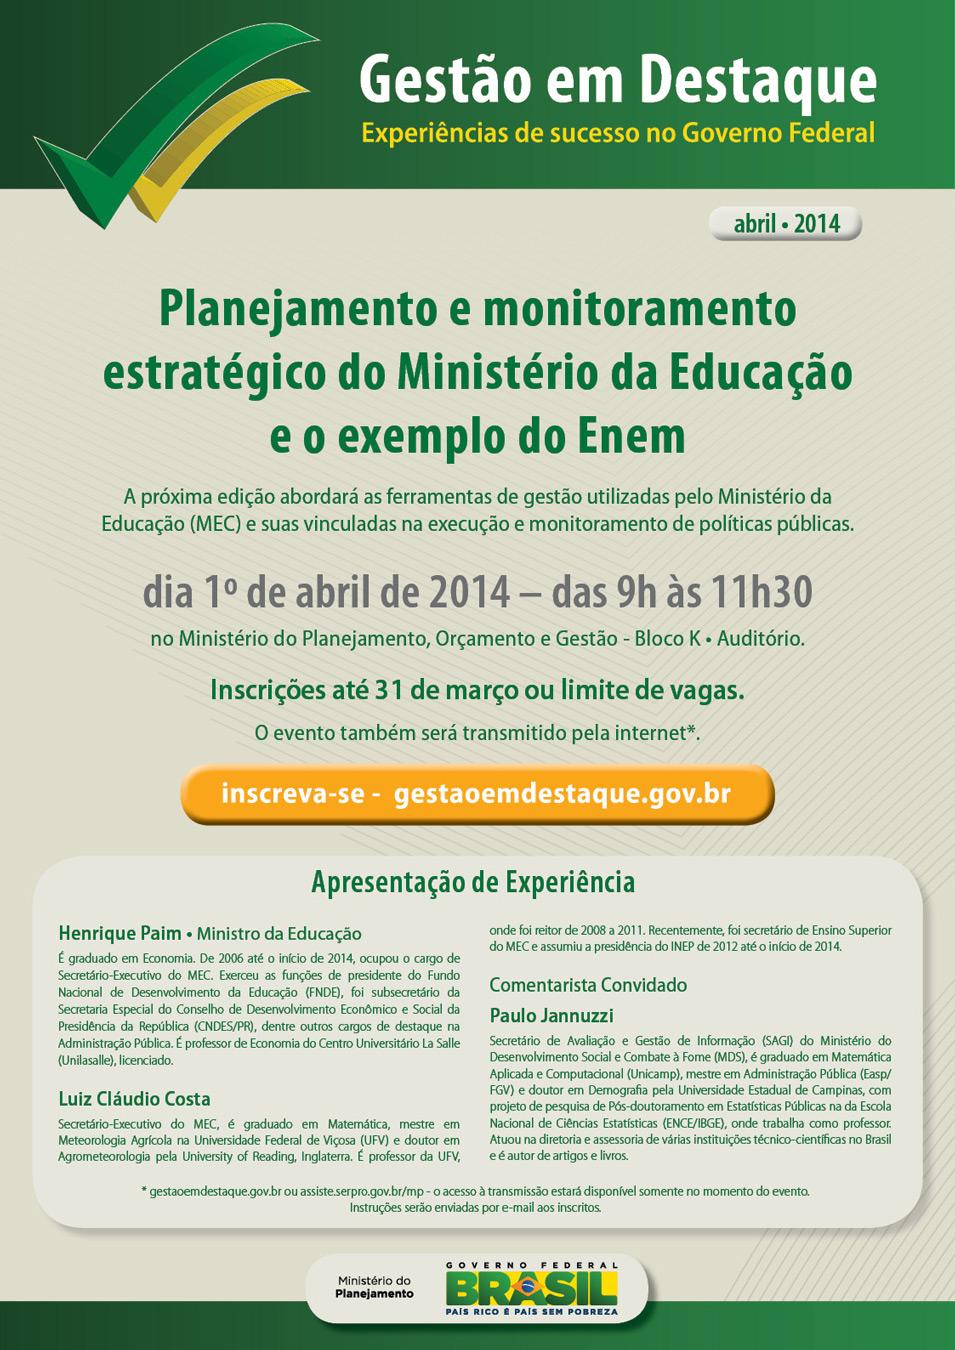 Imagem: Divulgação / Ministério do Planejamento